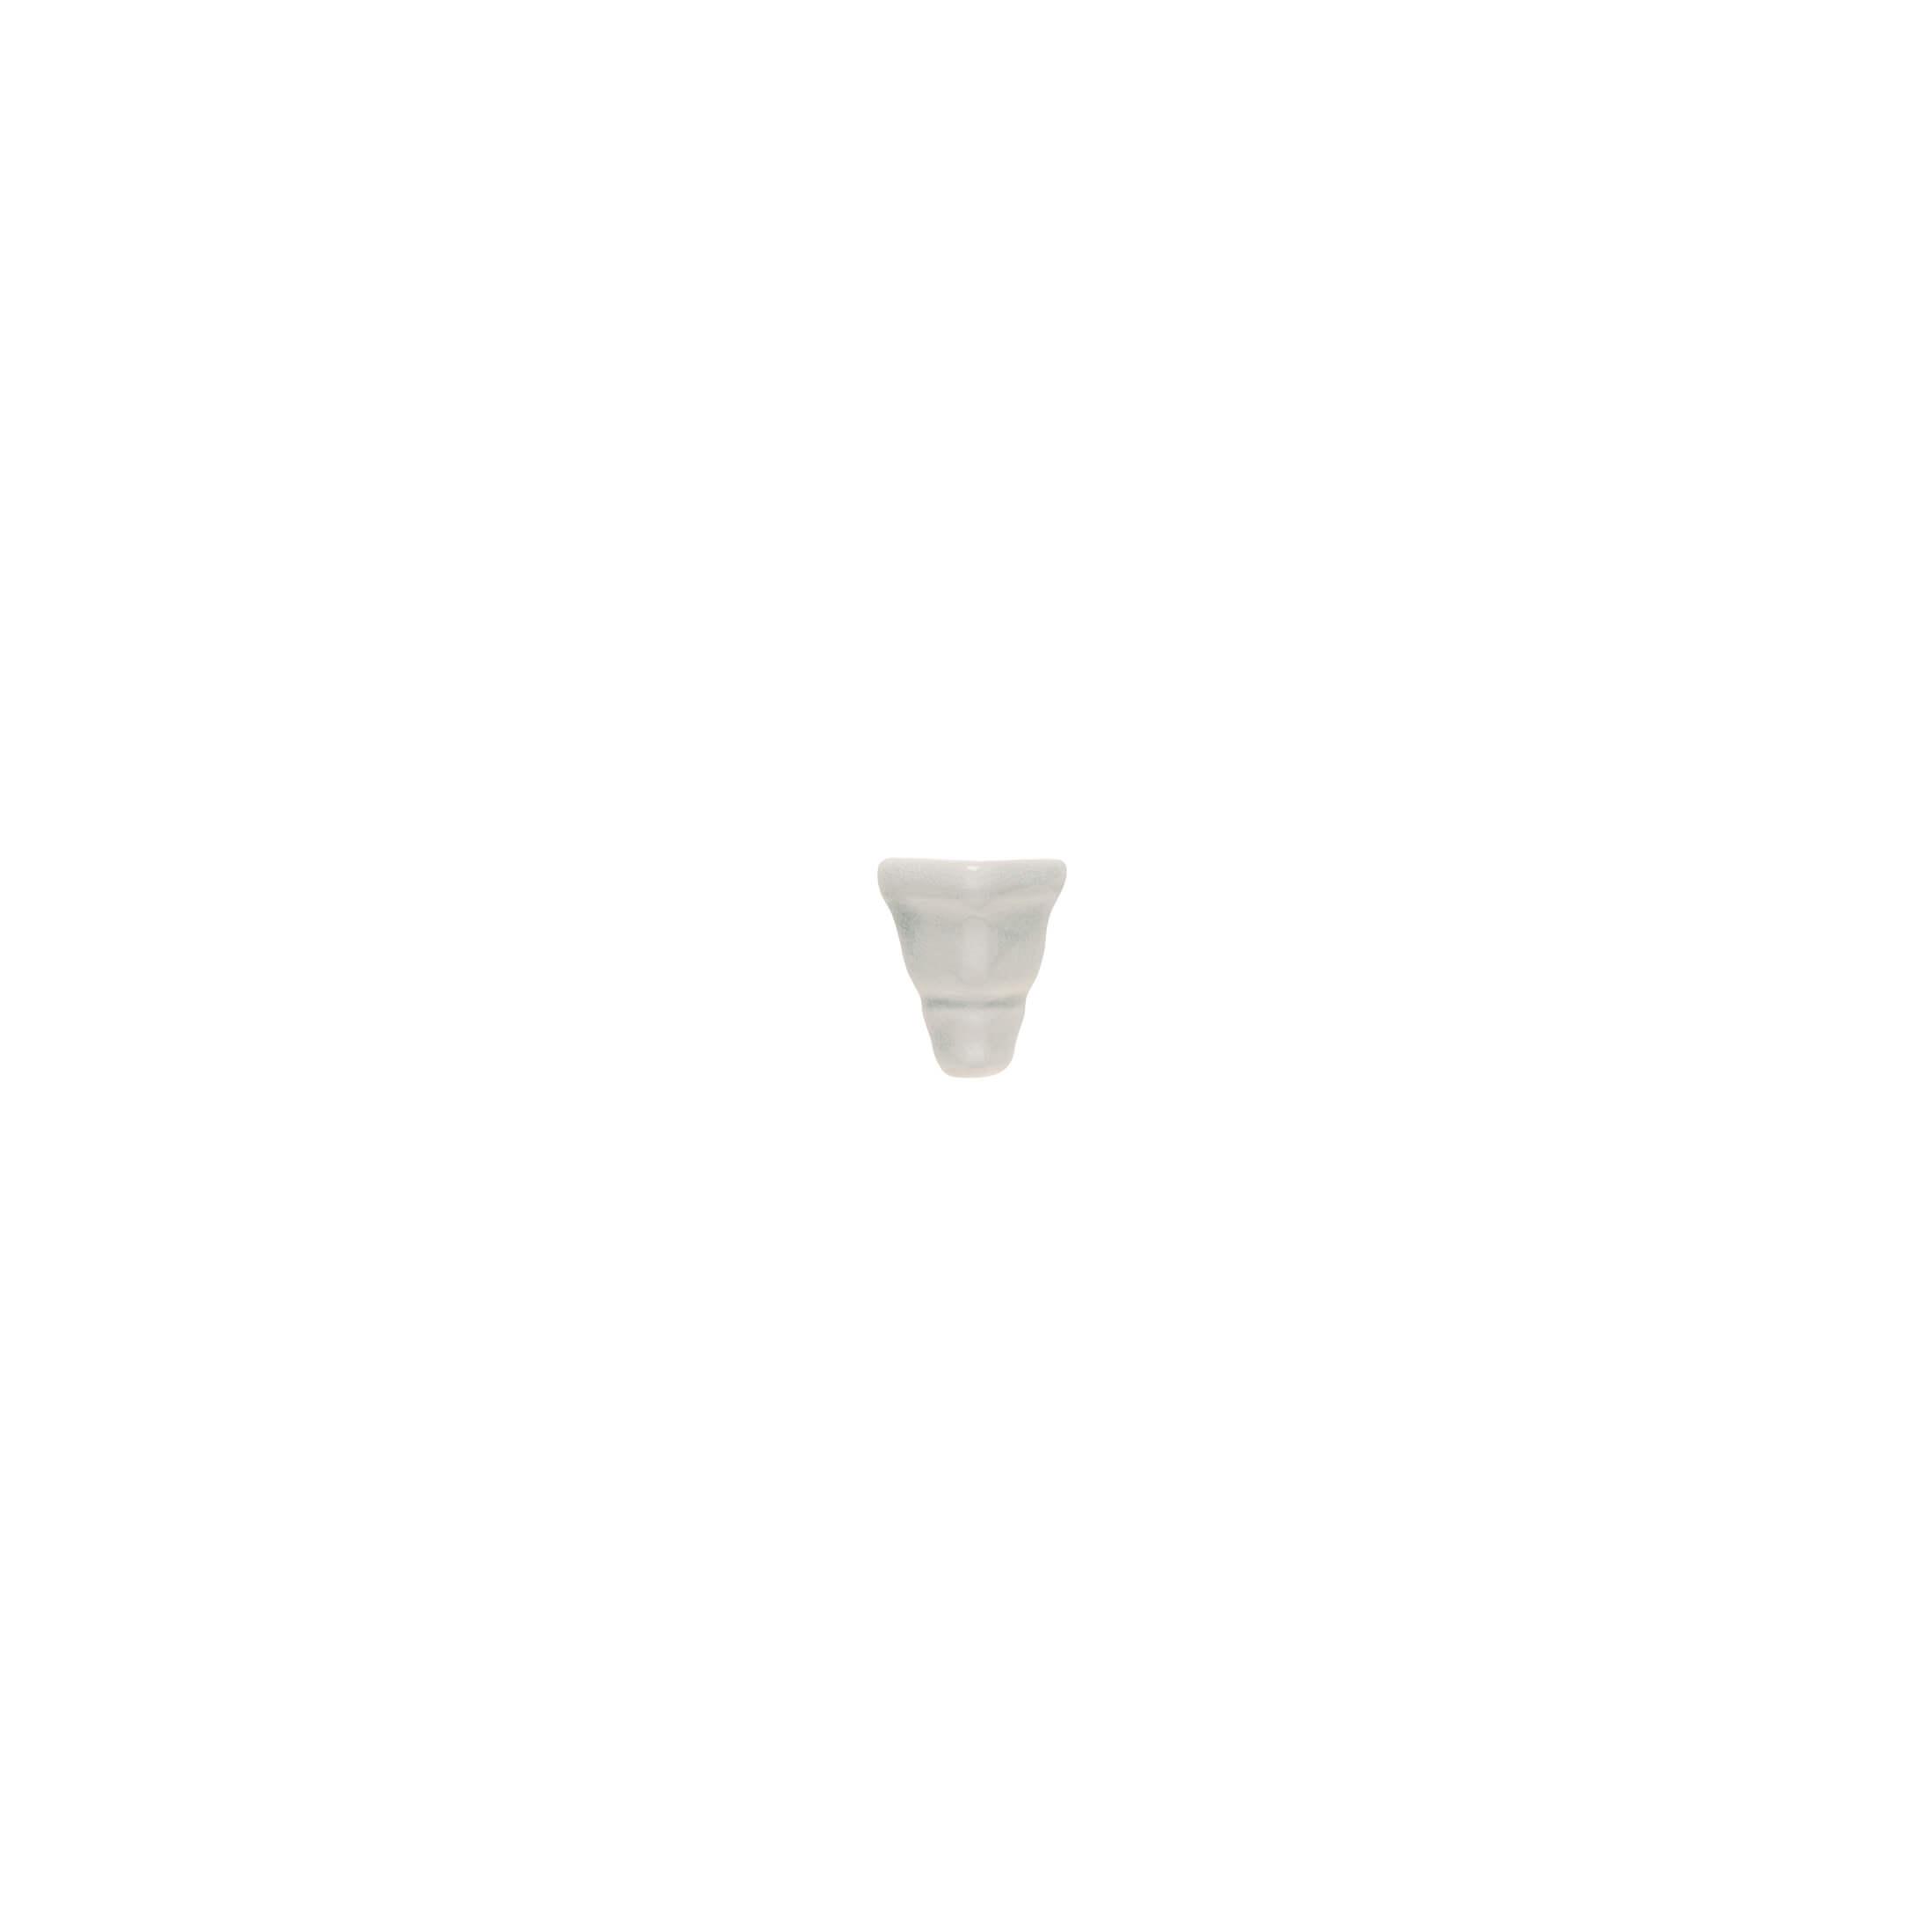 ADOC5070 - ANGULO EXTERIORCORNISA - 3 cm X 15 cm